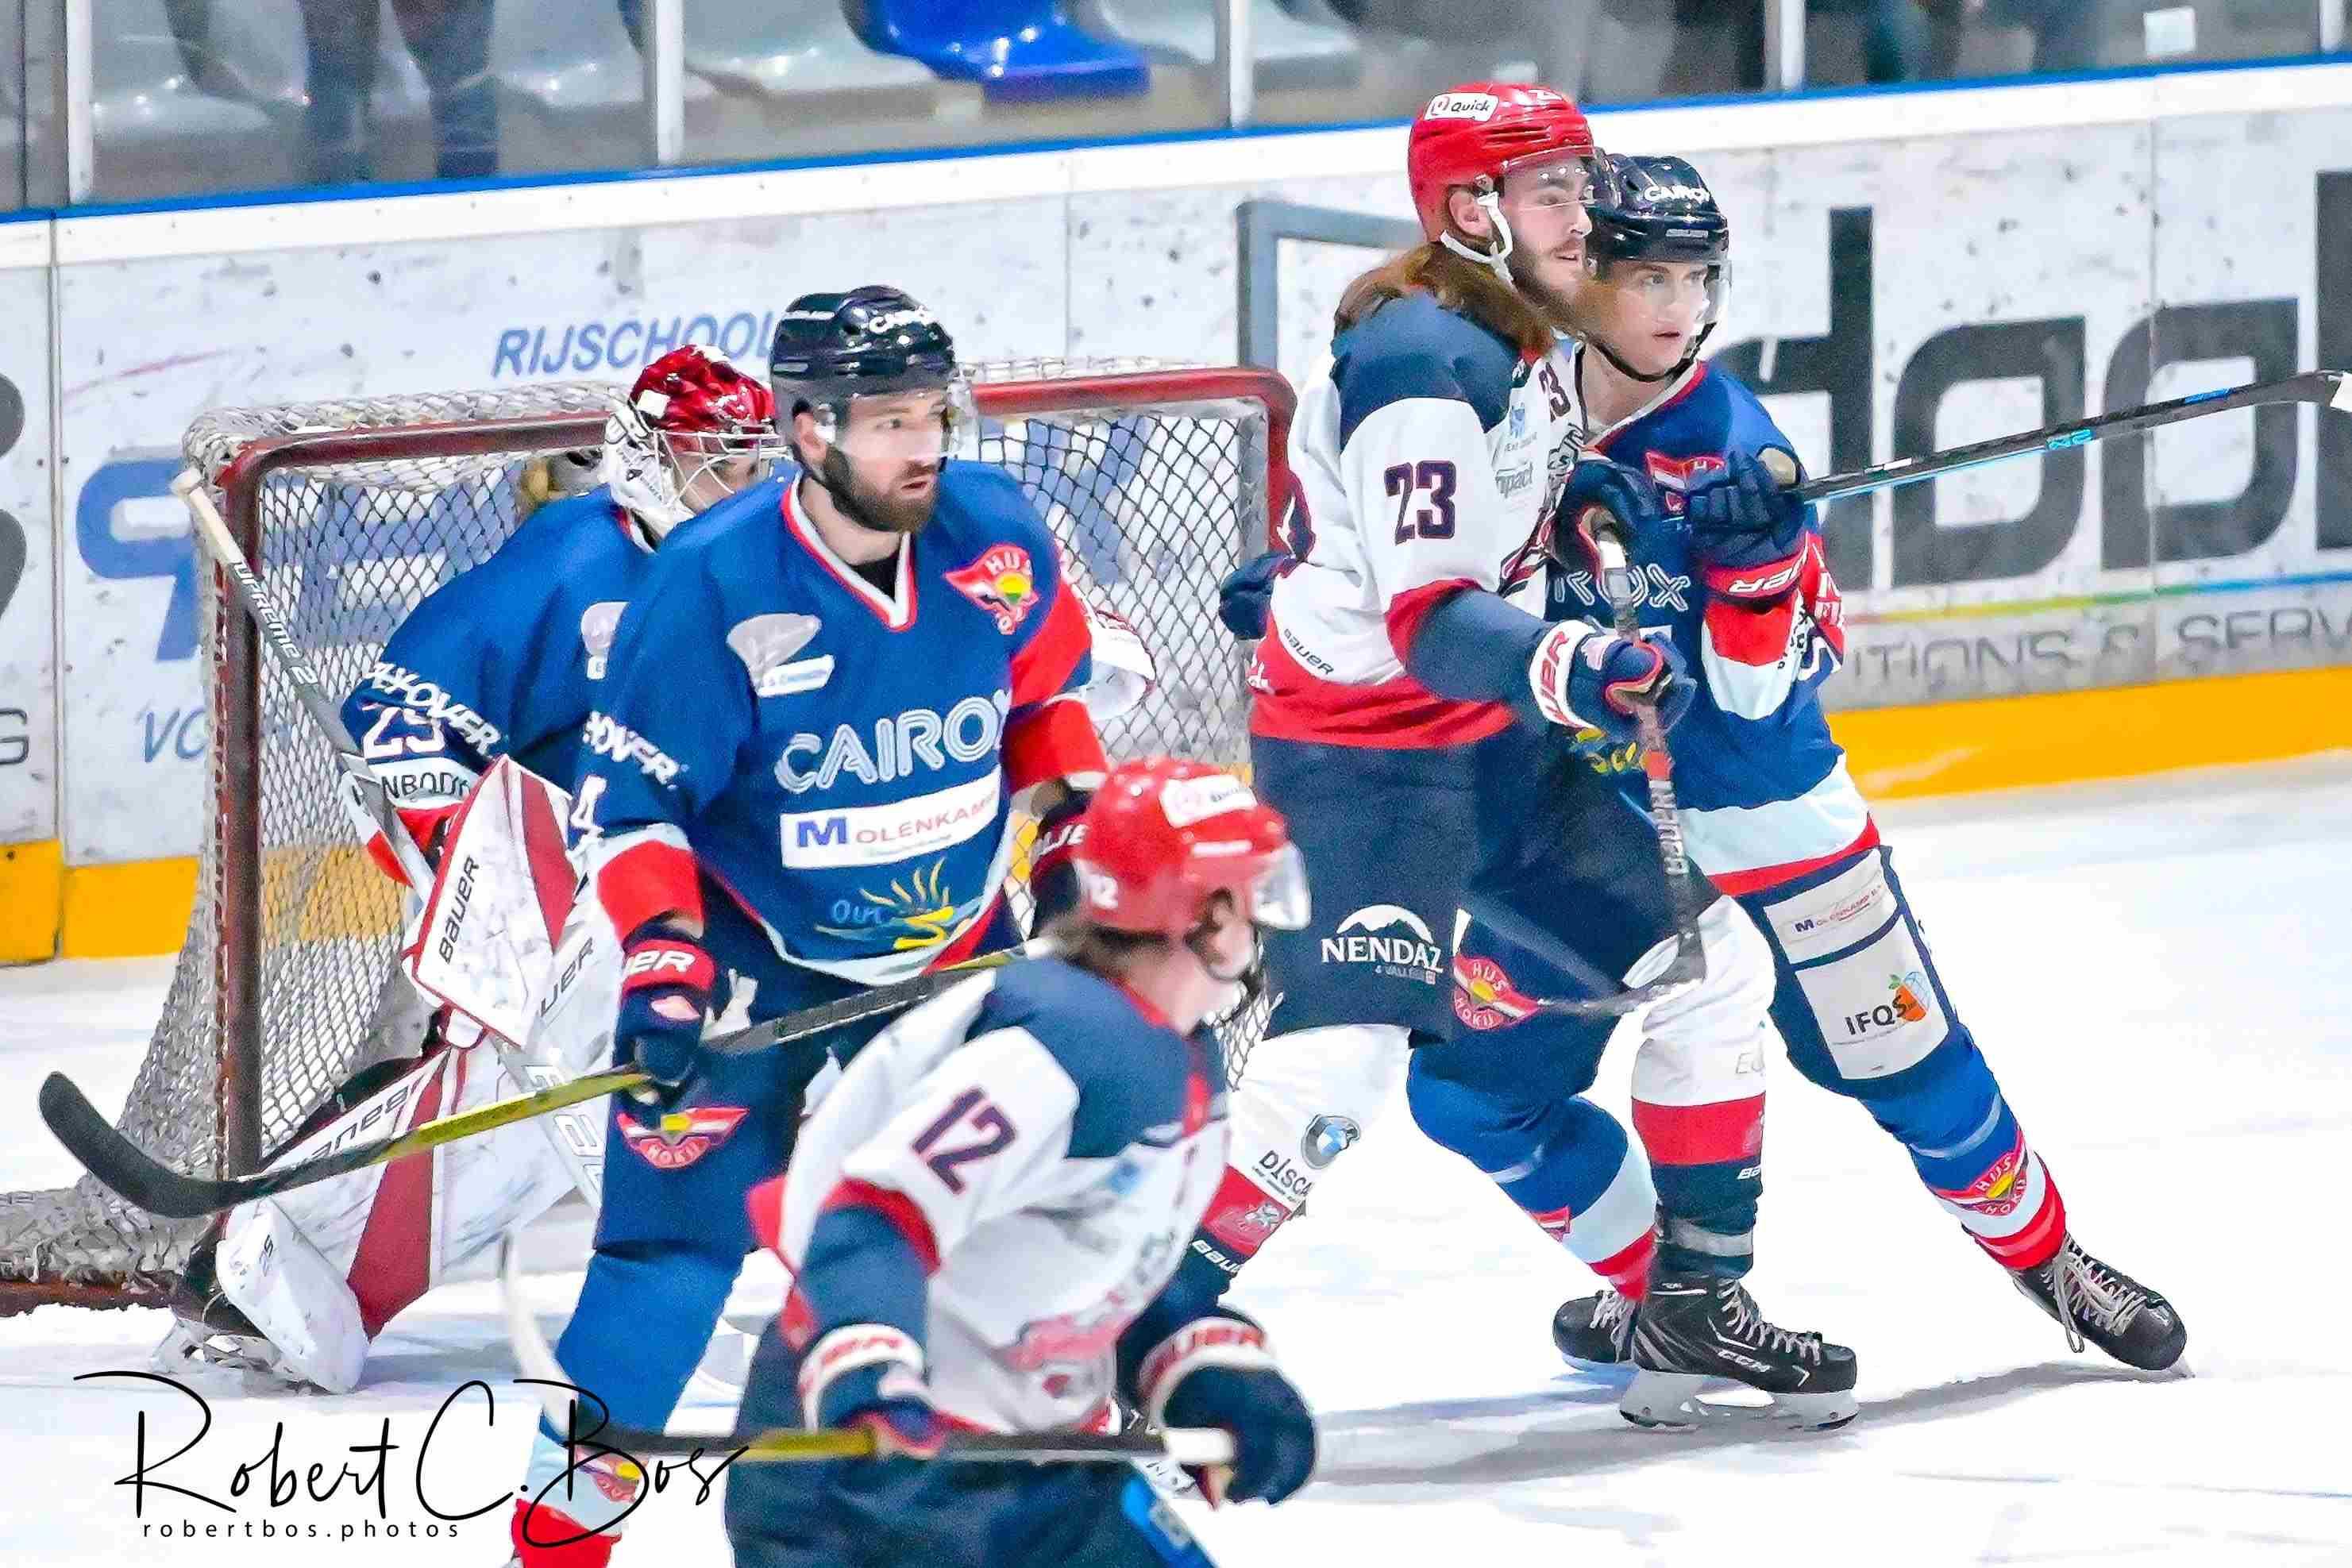 Luik Bulldogs CAIROX HIJS Hokij